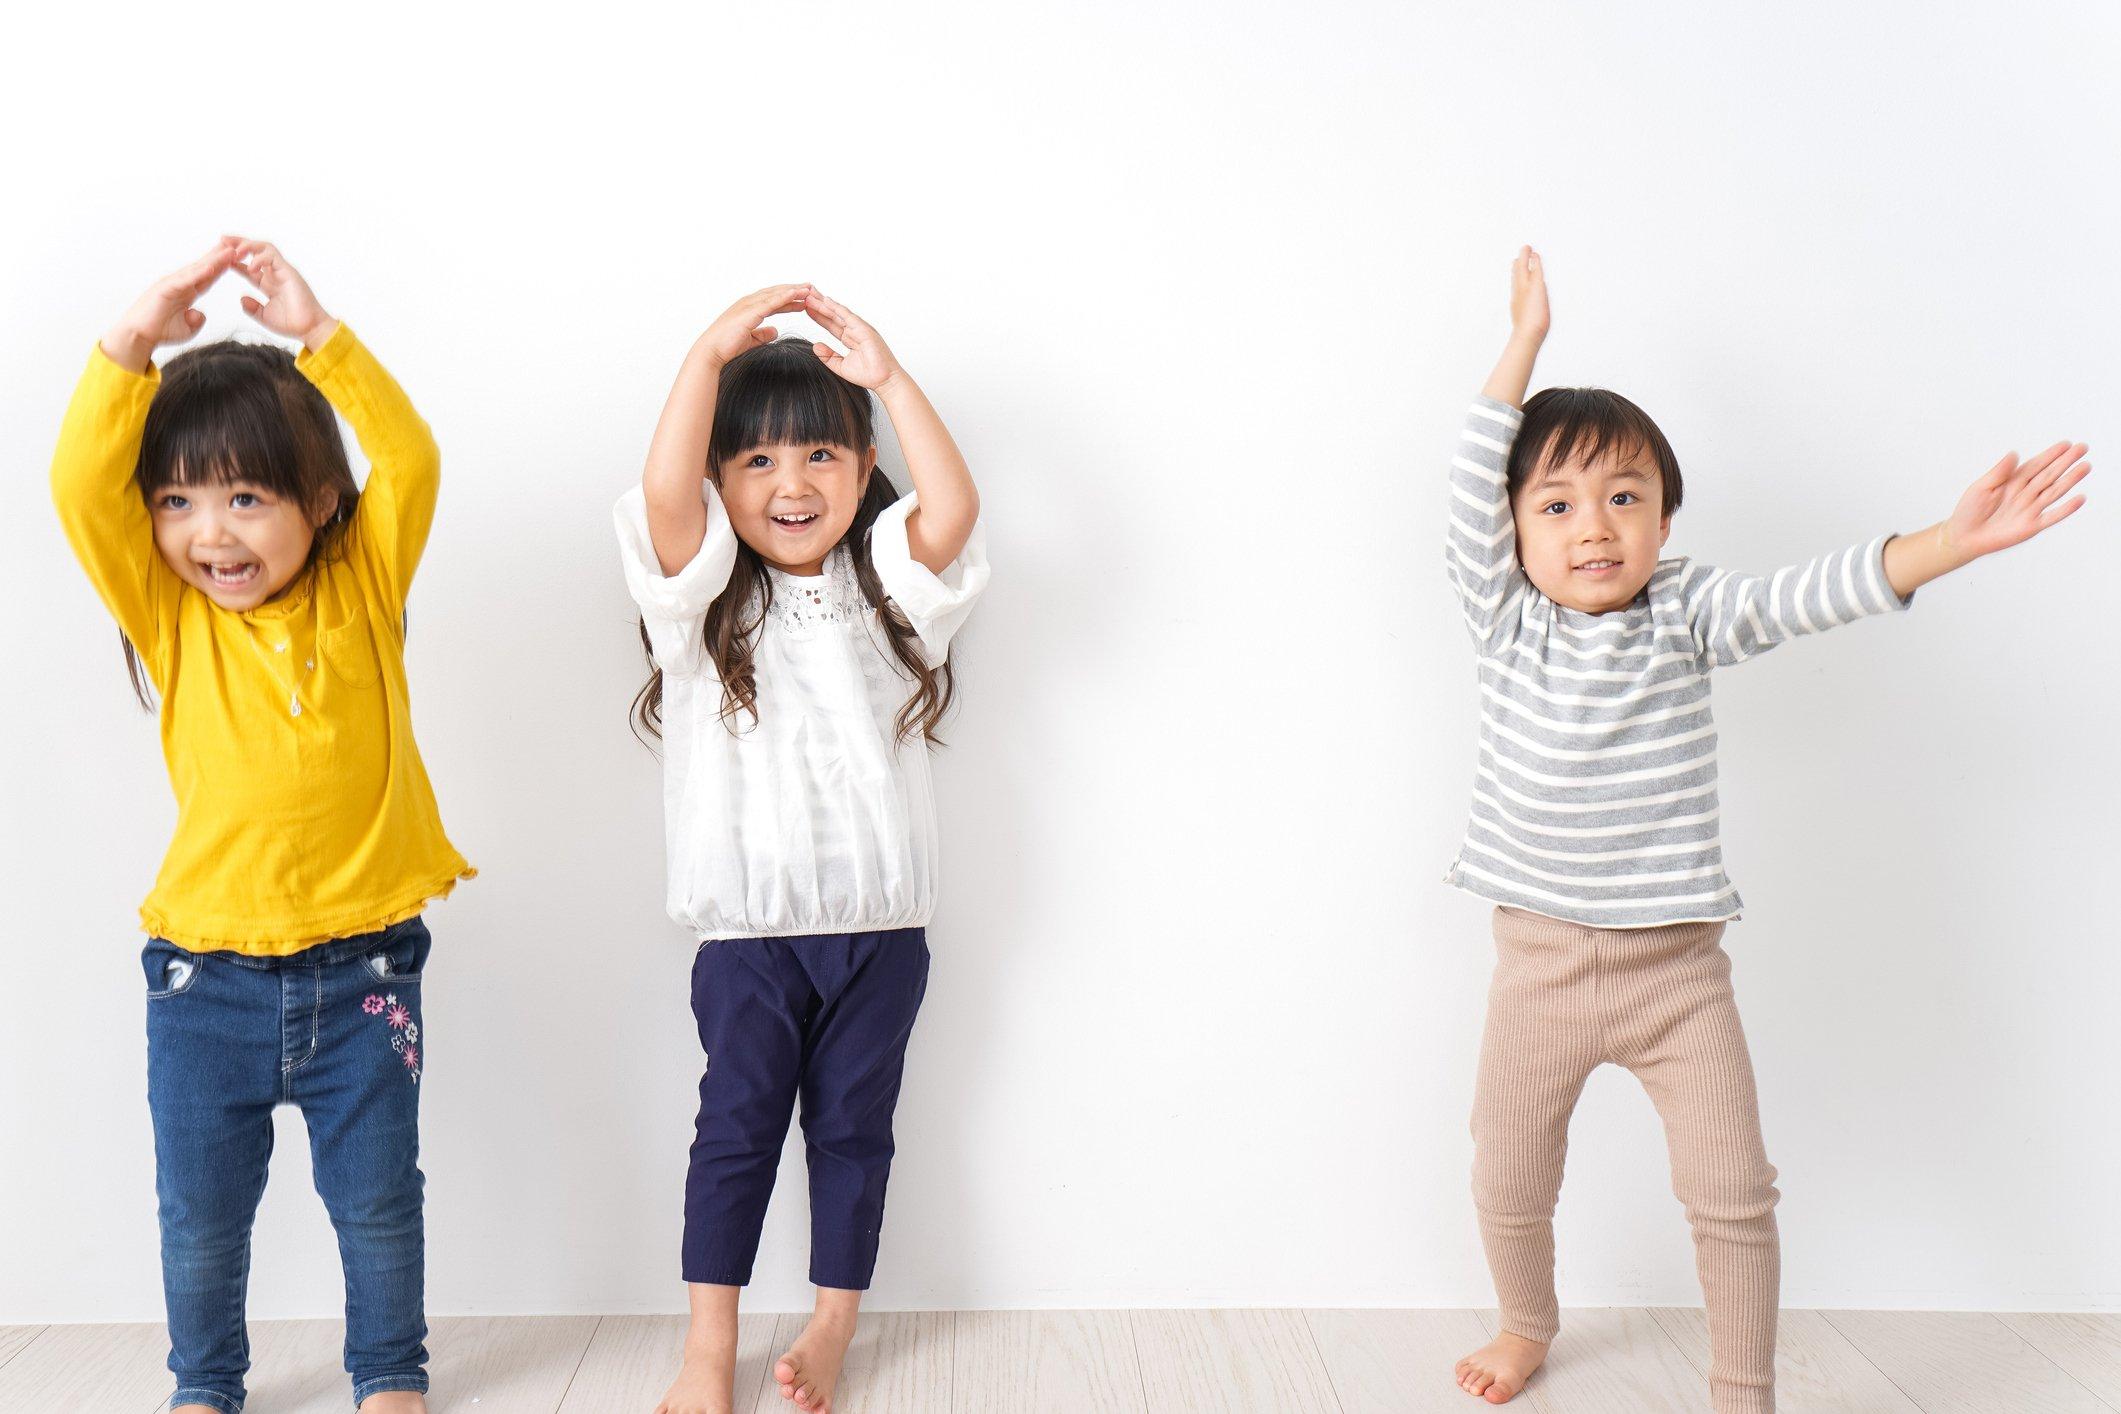 49 Activités Physiques Plaisantes À Faire Avec Des Enfants dedans Jeux Pour Bébé 2 Ans